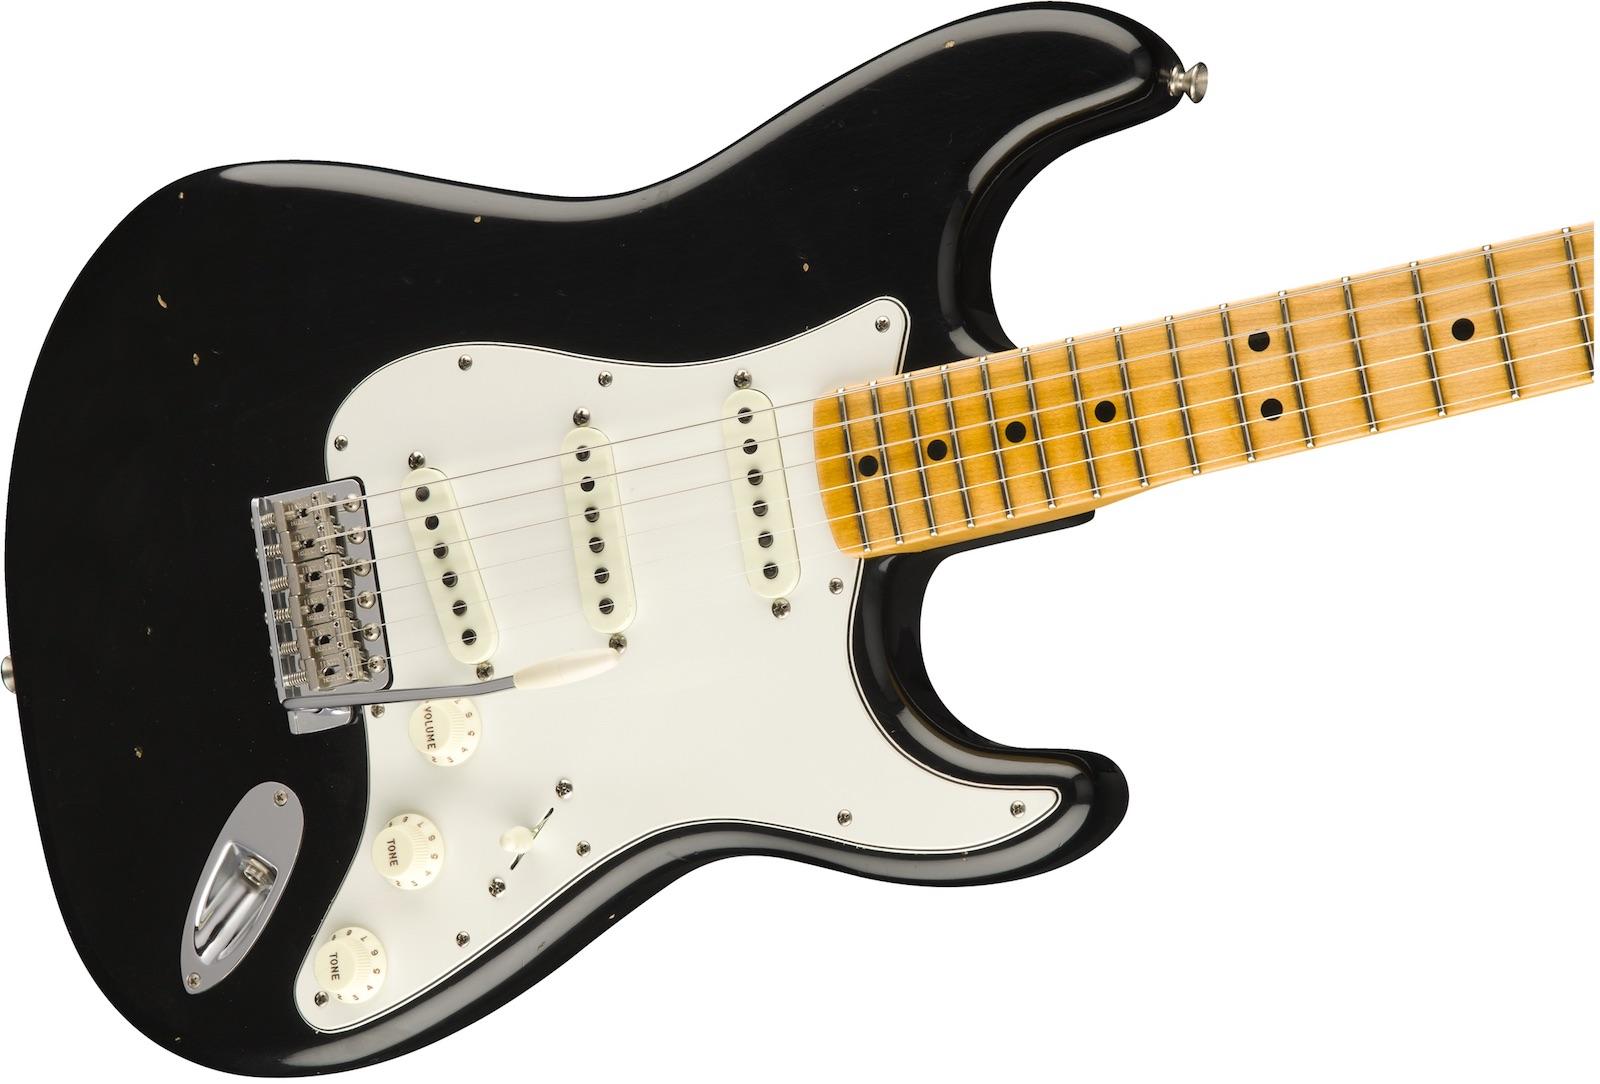 【新品】Fender Custom Shop Jimi Hendrix Voodoo Child Signature Stratocaster Journeyman Relic ~Black~ 【ジミヘンモデル】【リバース・ヘッド】【ハンドワウンド・ピックアップ】【送料無料】【ご予約受付中】【池袋店】